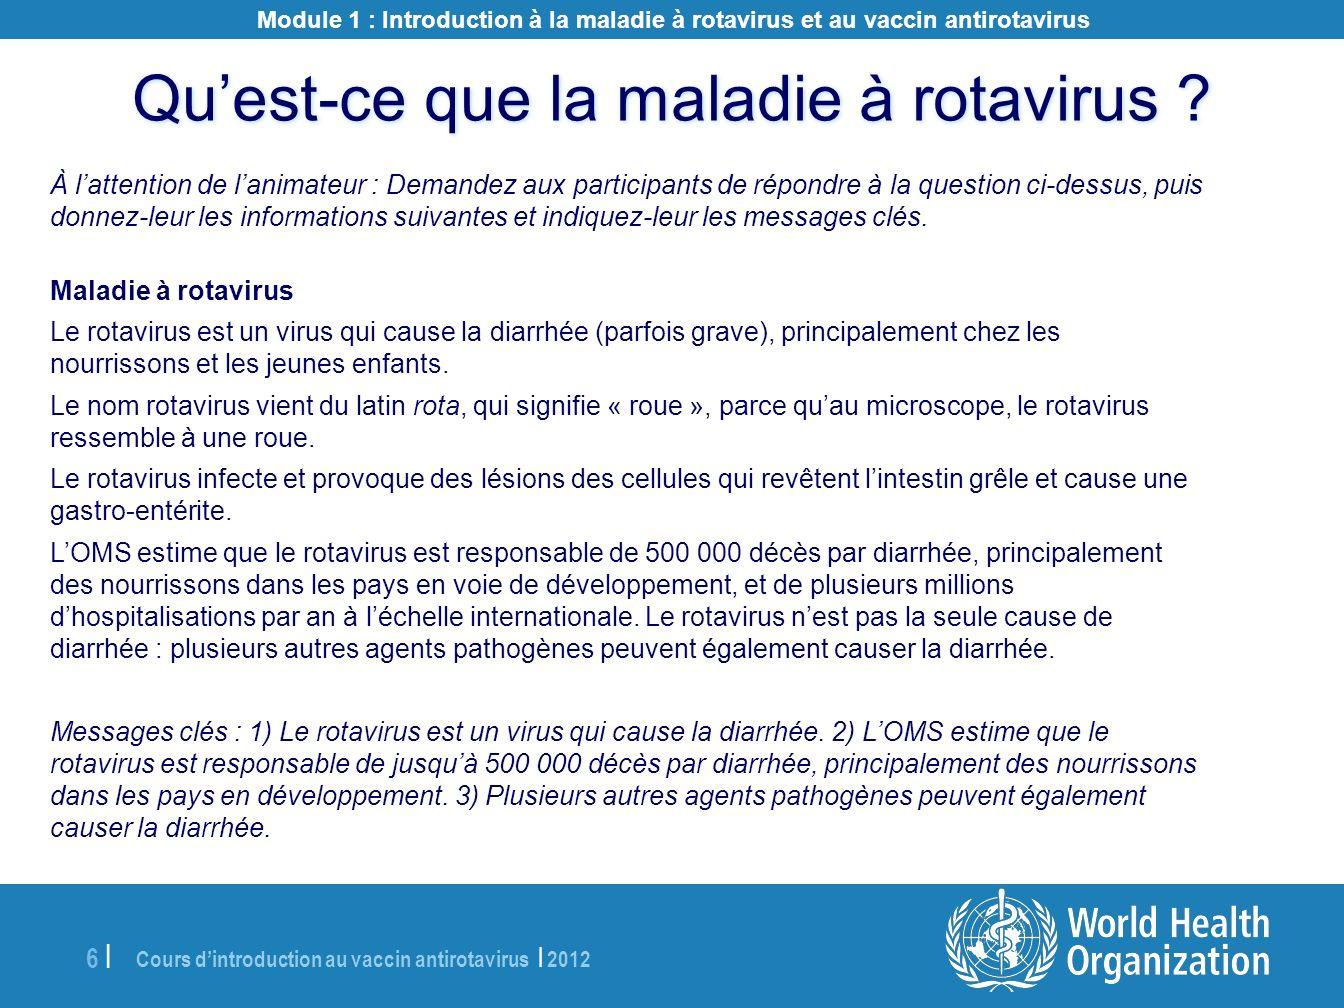 Cours dintroduction au vaccin antirotavirus | 2012 57 | À lattention de lanimateur : Demandez aux participants de répondre à la question ci-dessus, puis donnez-leur les informations suivantes concernant lorganisation dun rendez-vous de suivi.